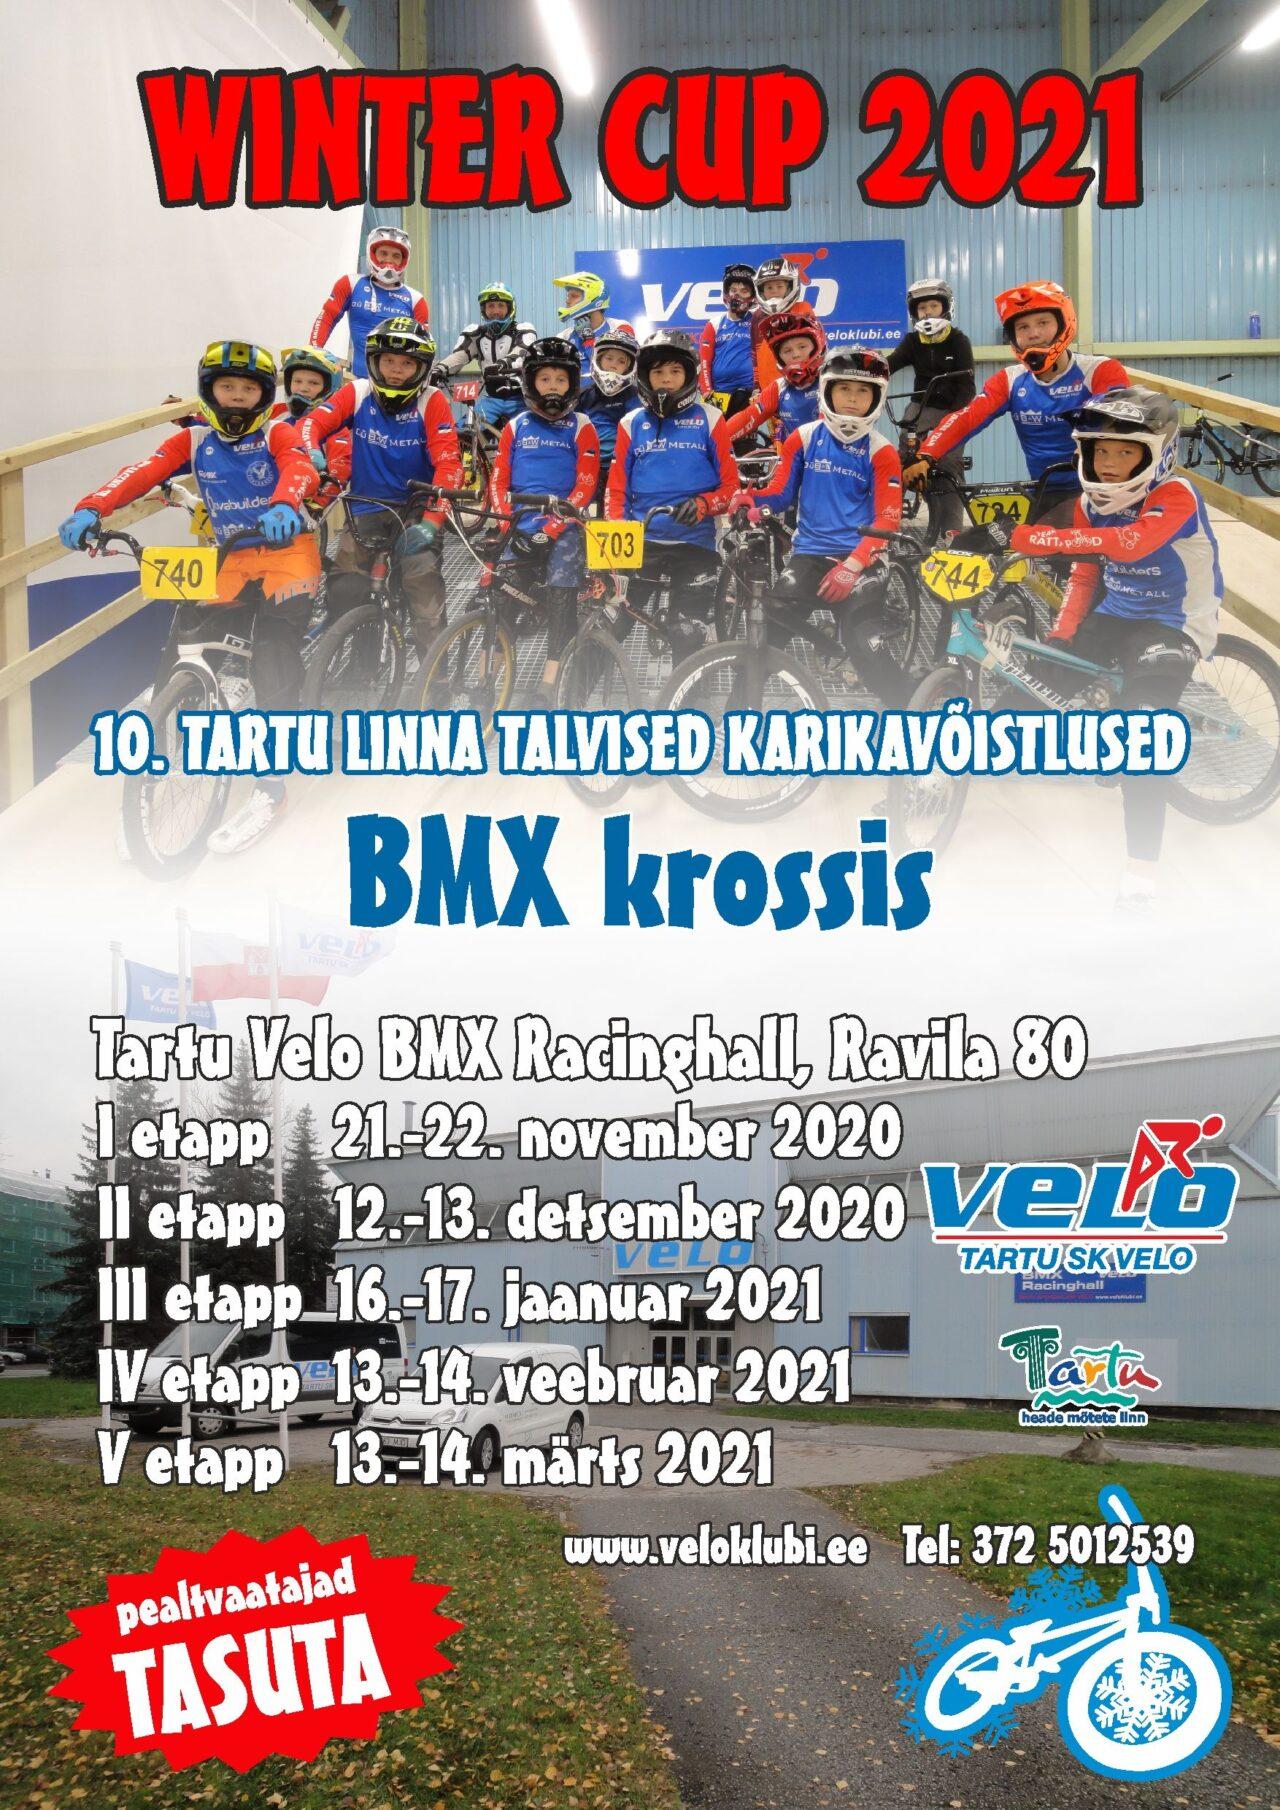 BMX-Winter-Cup-2021-1280x1810.jpg